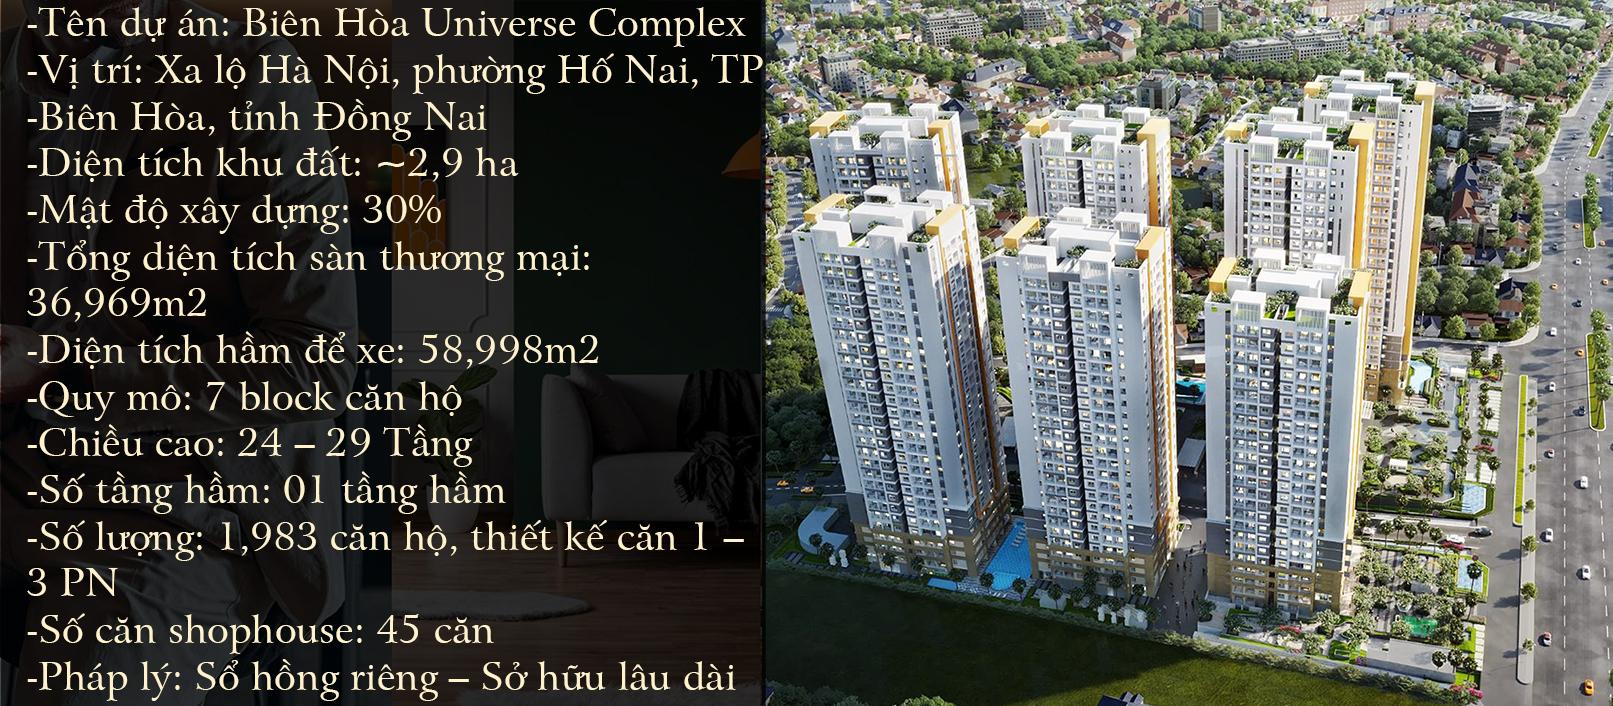 Thông tin tổng quan dự án biên hòa universe